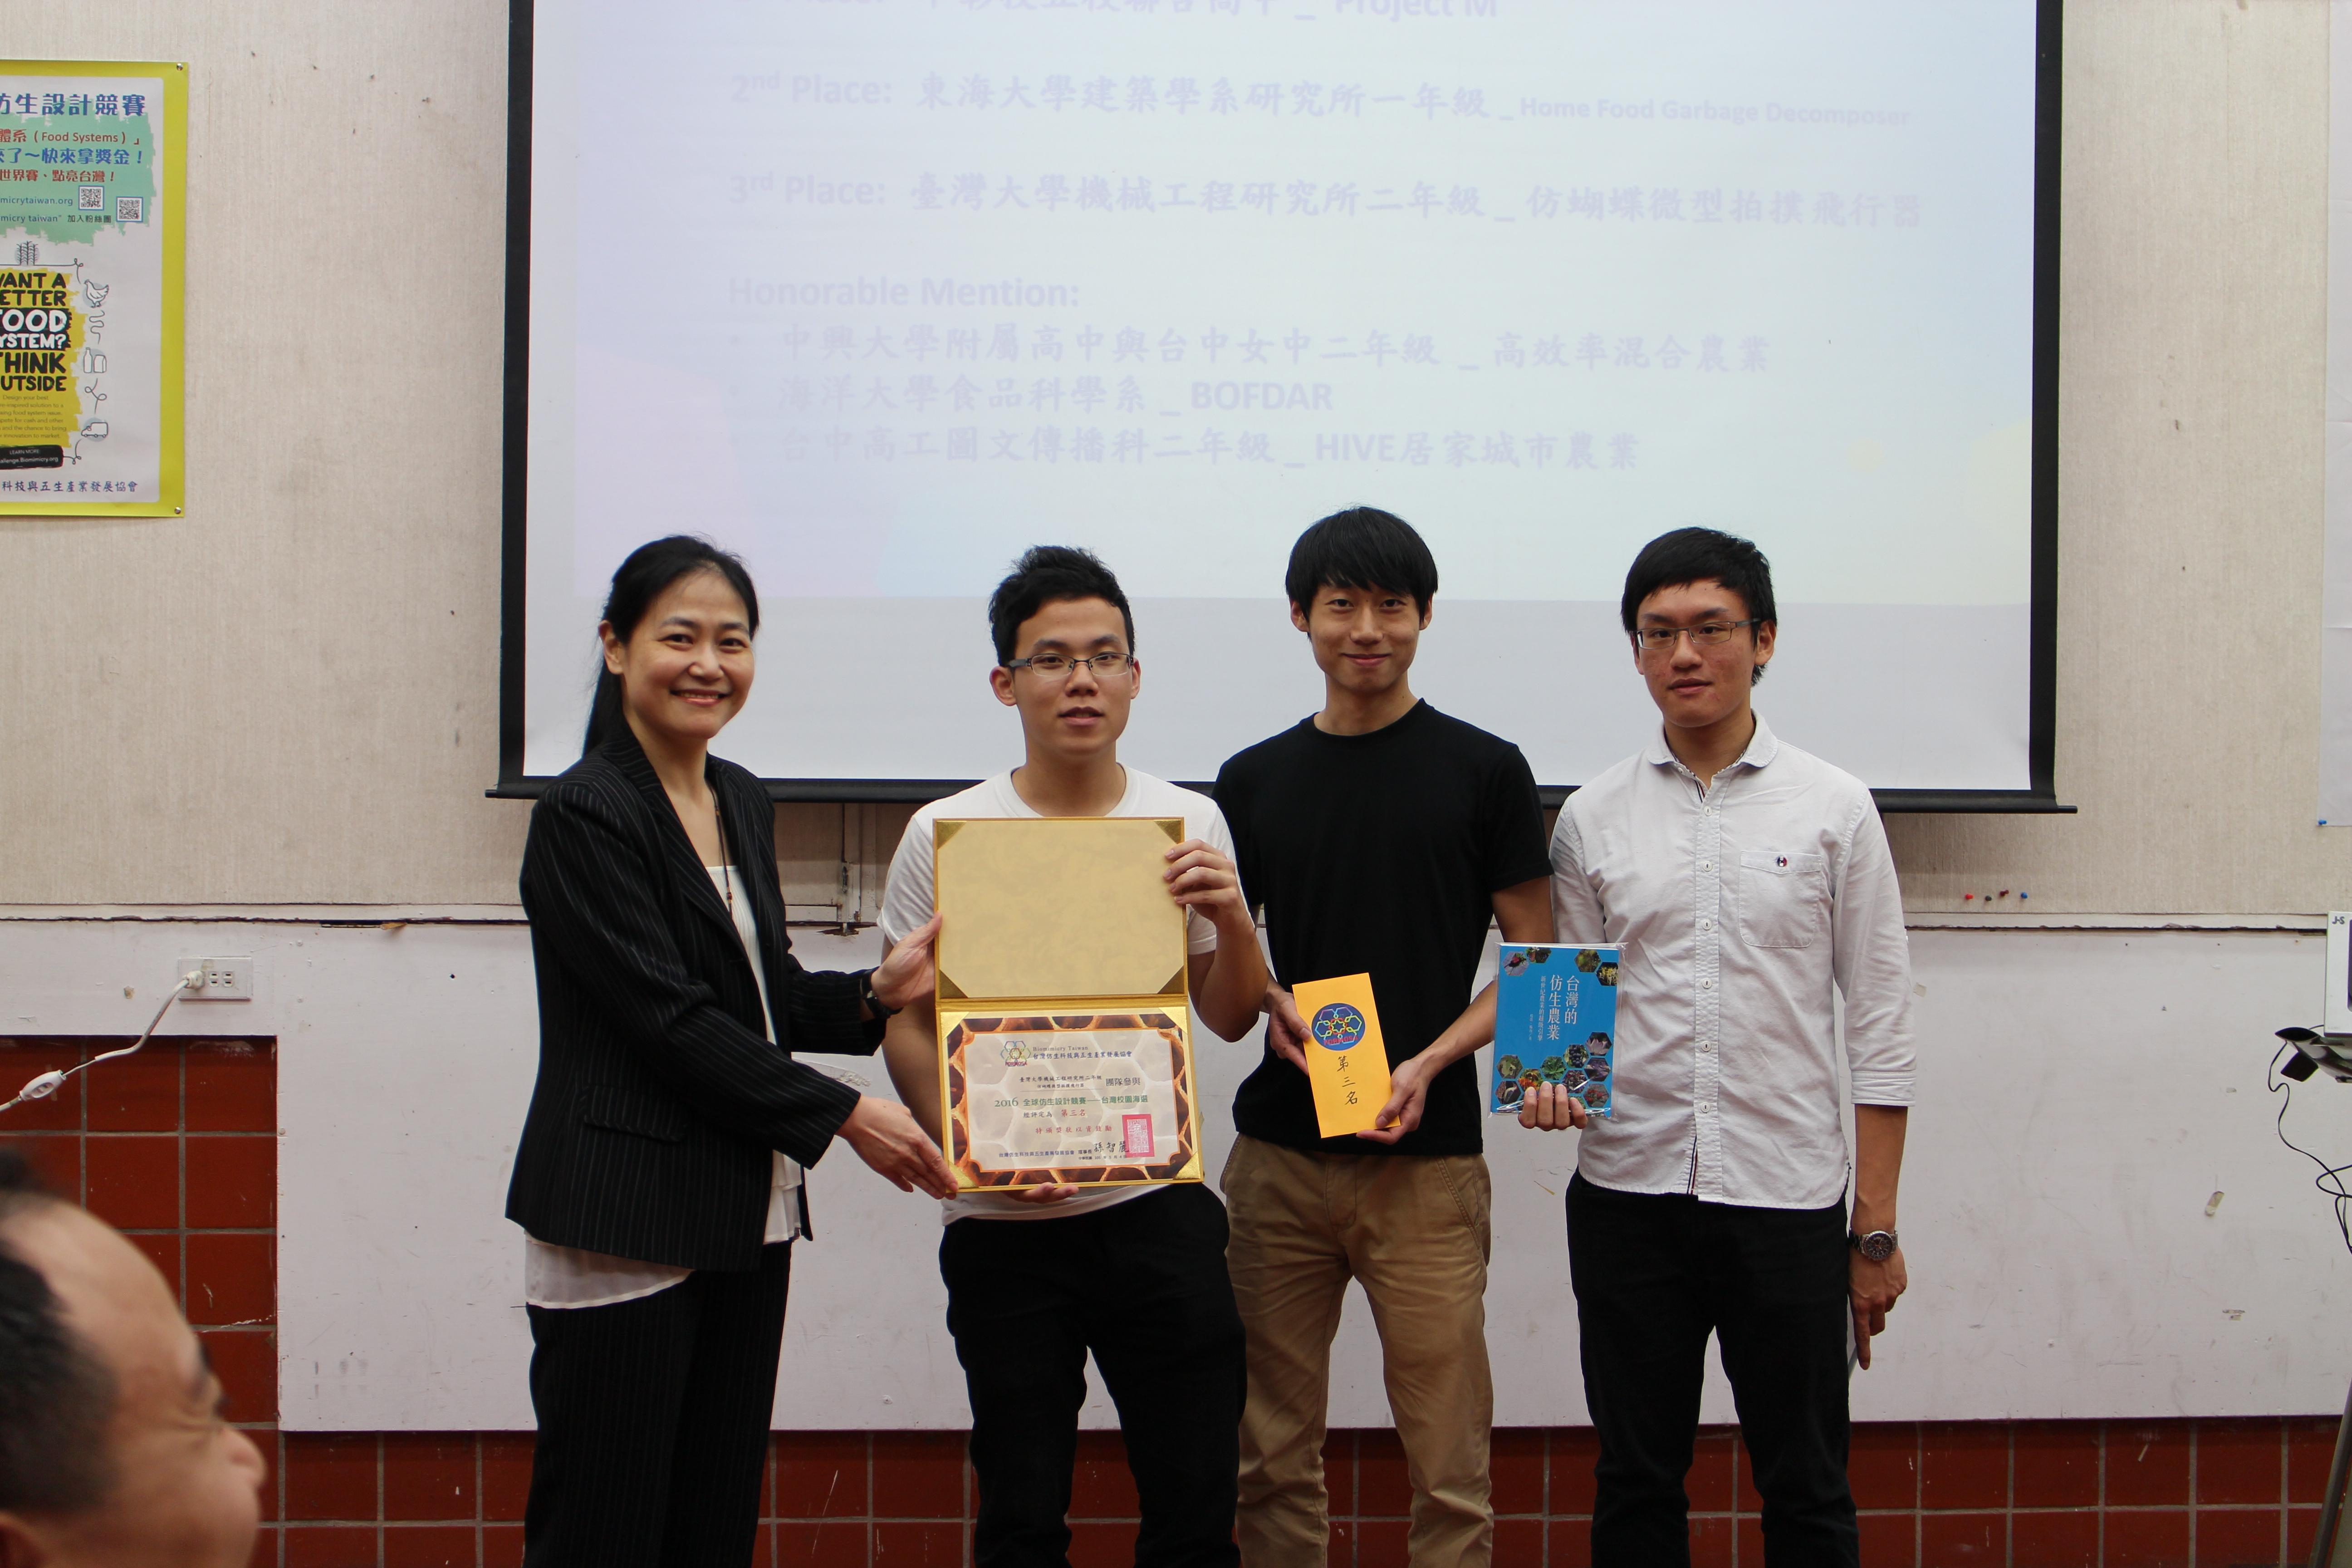 第三名_台灣大學機械工程學系研究所